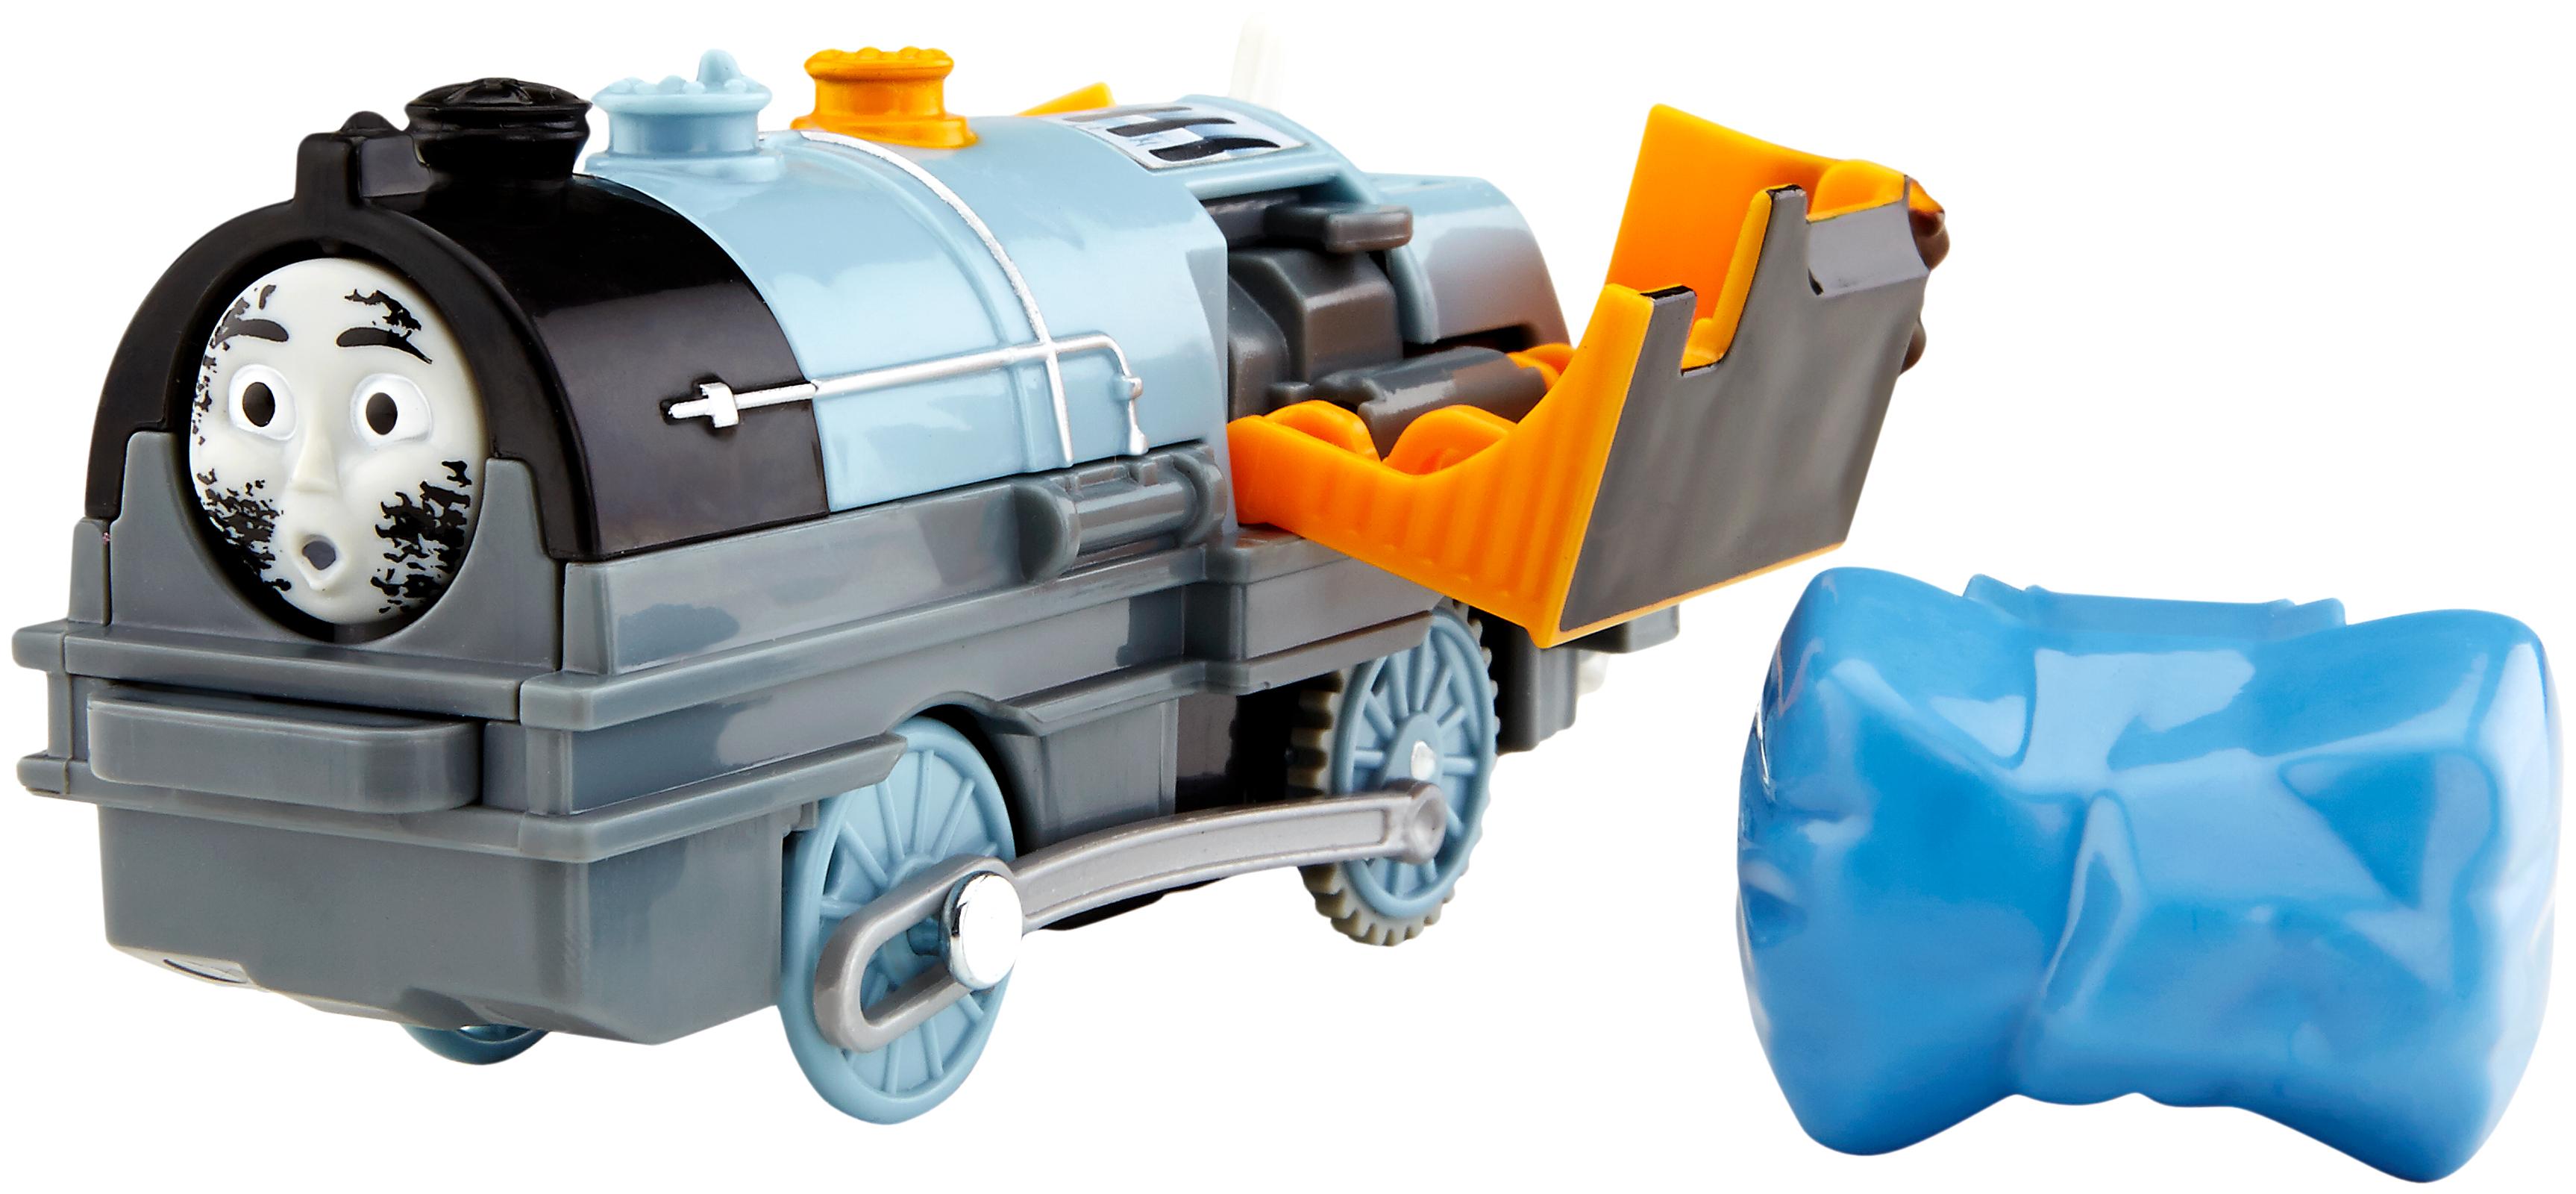 File:TrackMasterCrashandRepairBash(Crashed).jpg